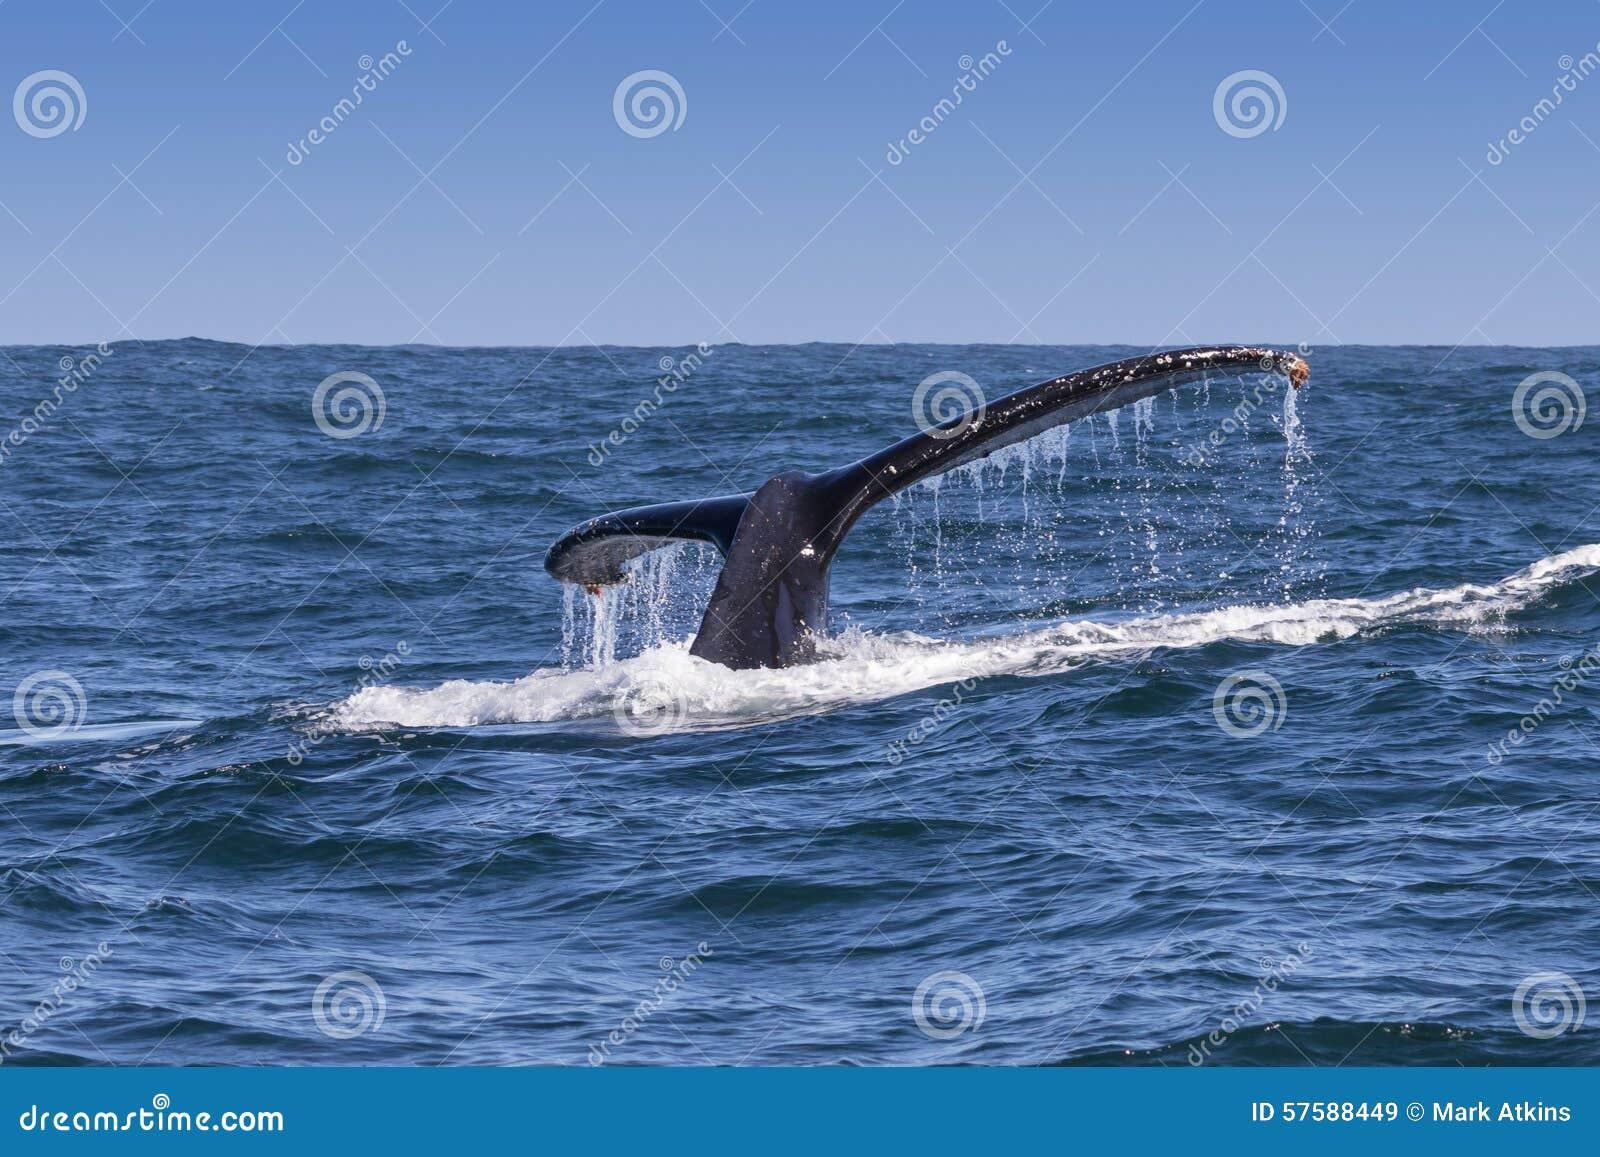 La platija de la ballena jorobada